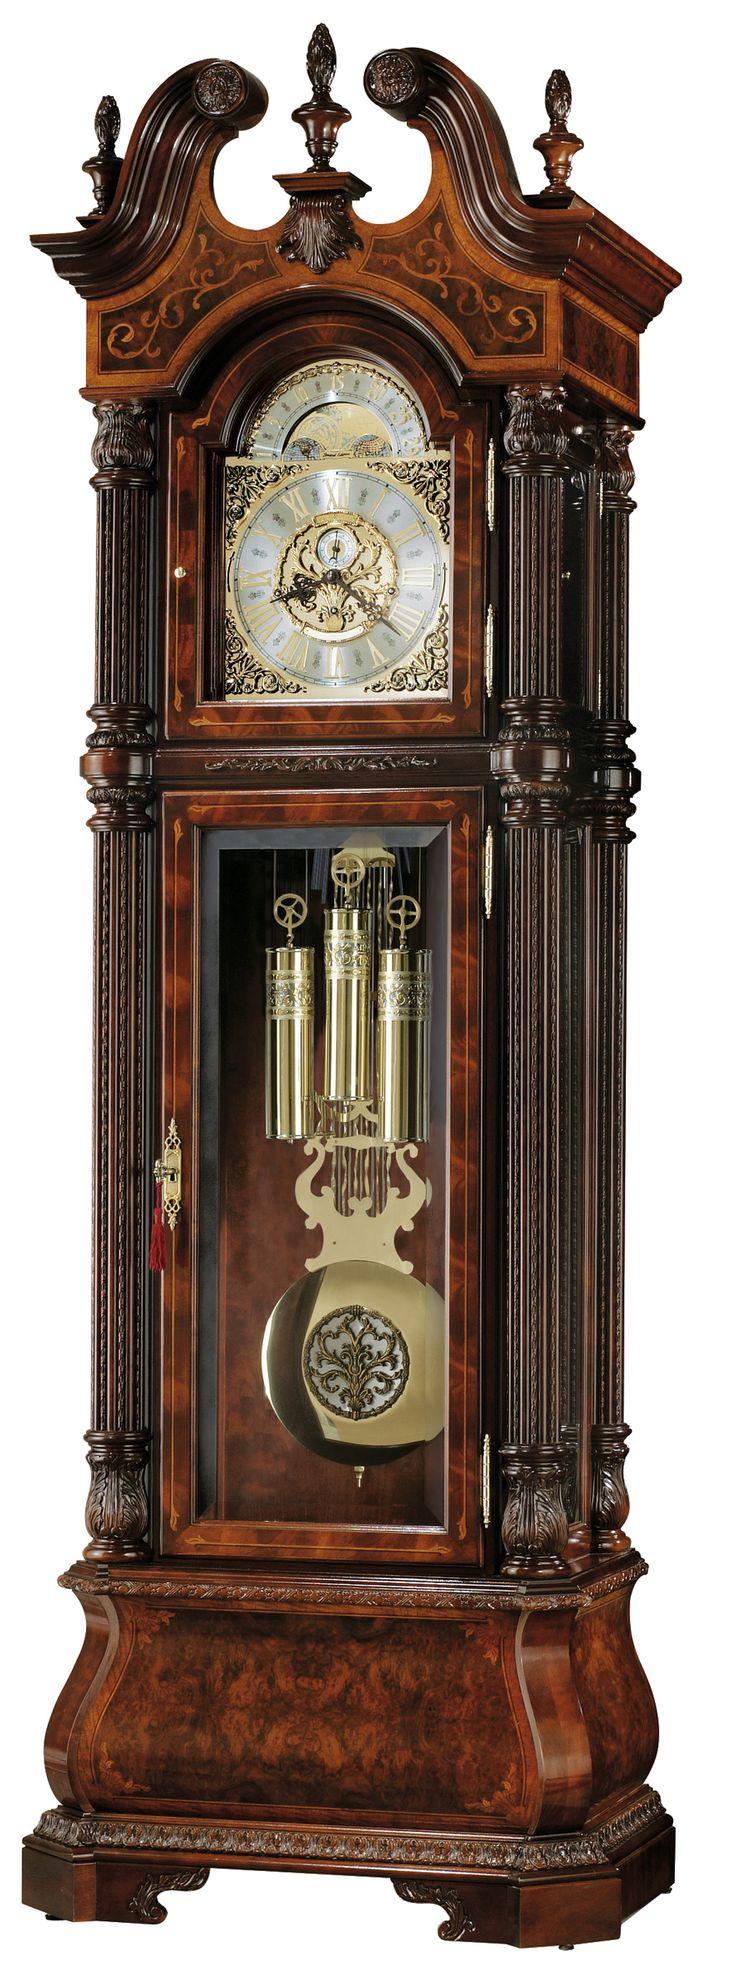 Кукушка и маятник, функция автоматического отключения звука в ночное время, кварцевый механимзм, корпус размер 97*11,5*11,5 см, произведены в италии, гарантия 11 месяцев 15 р.